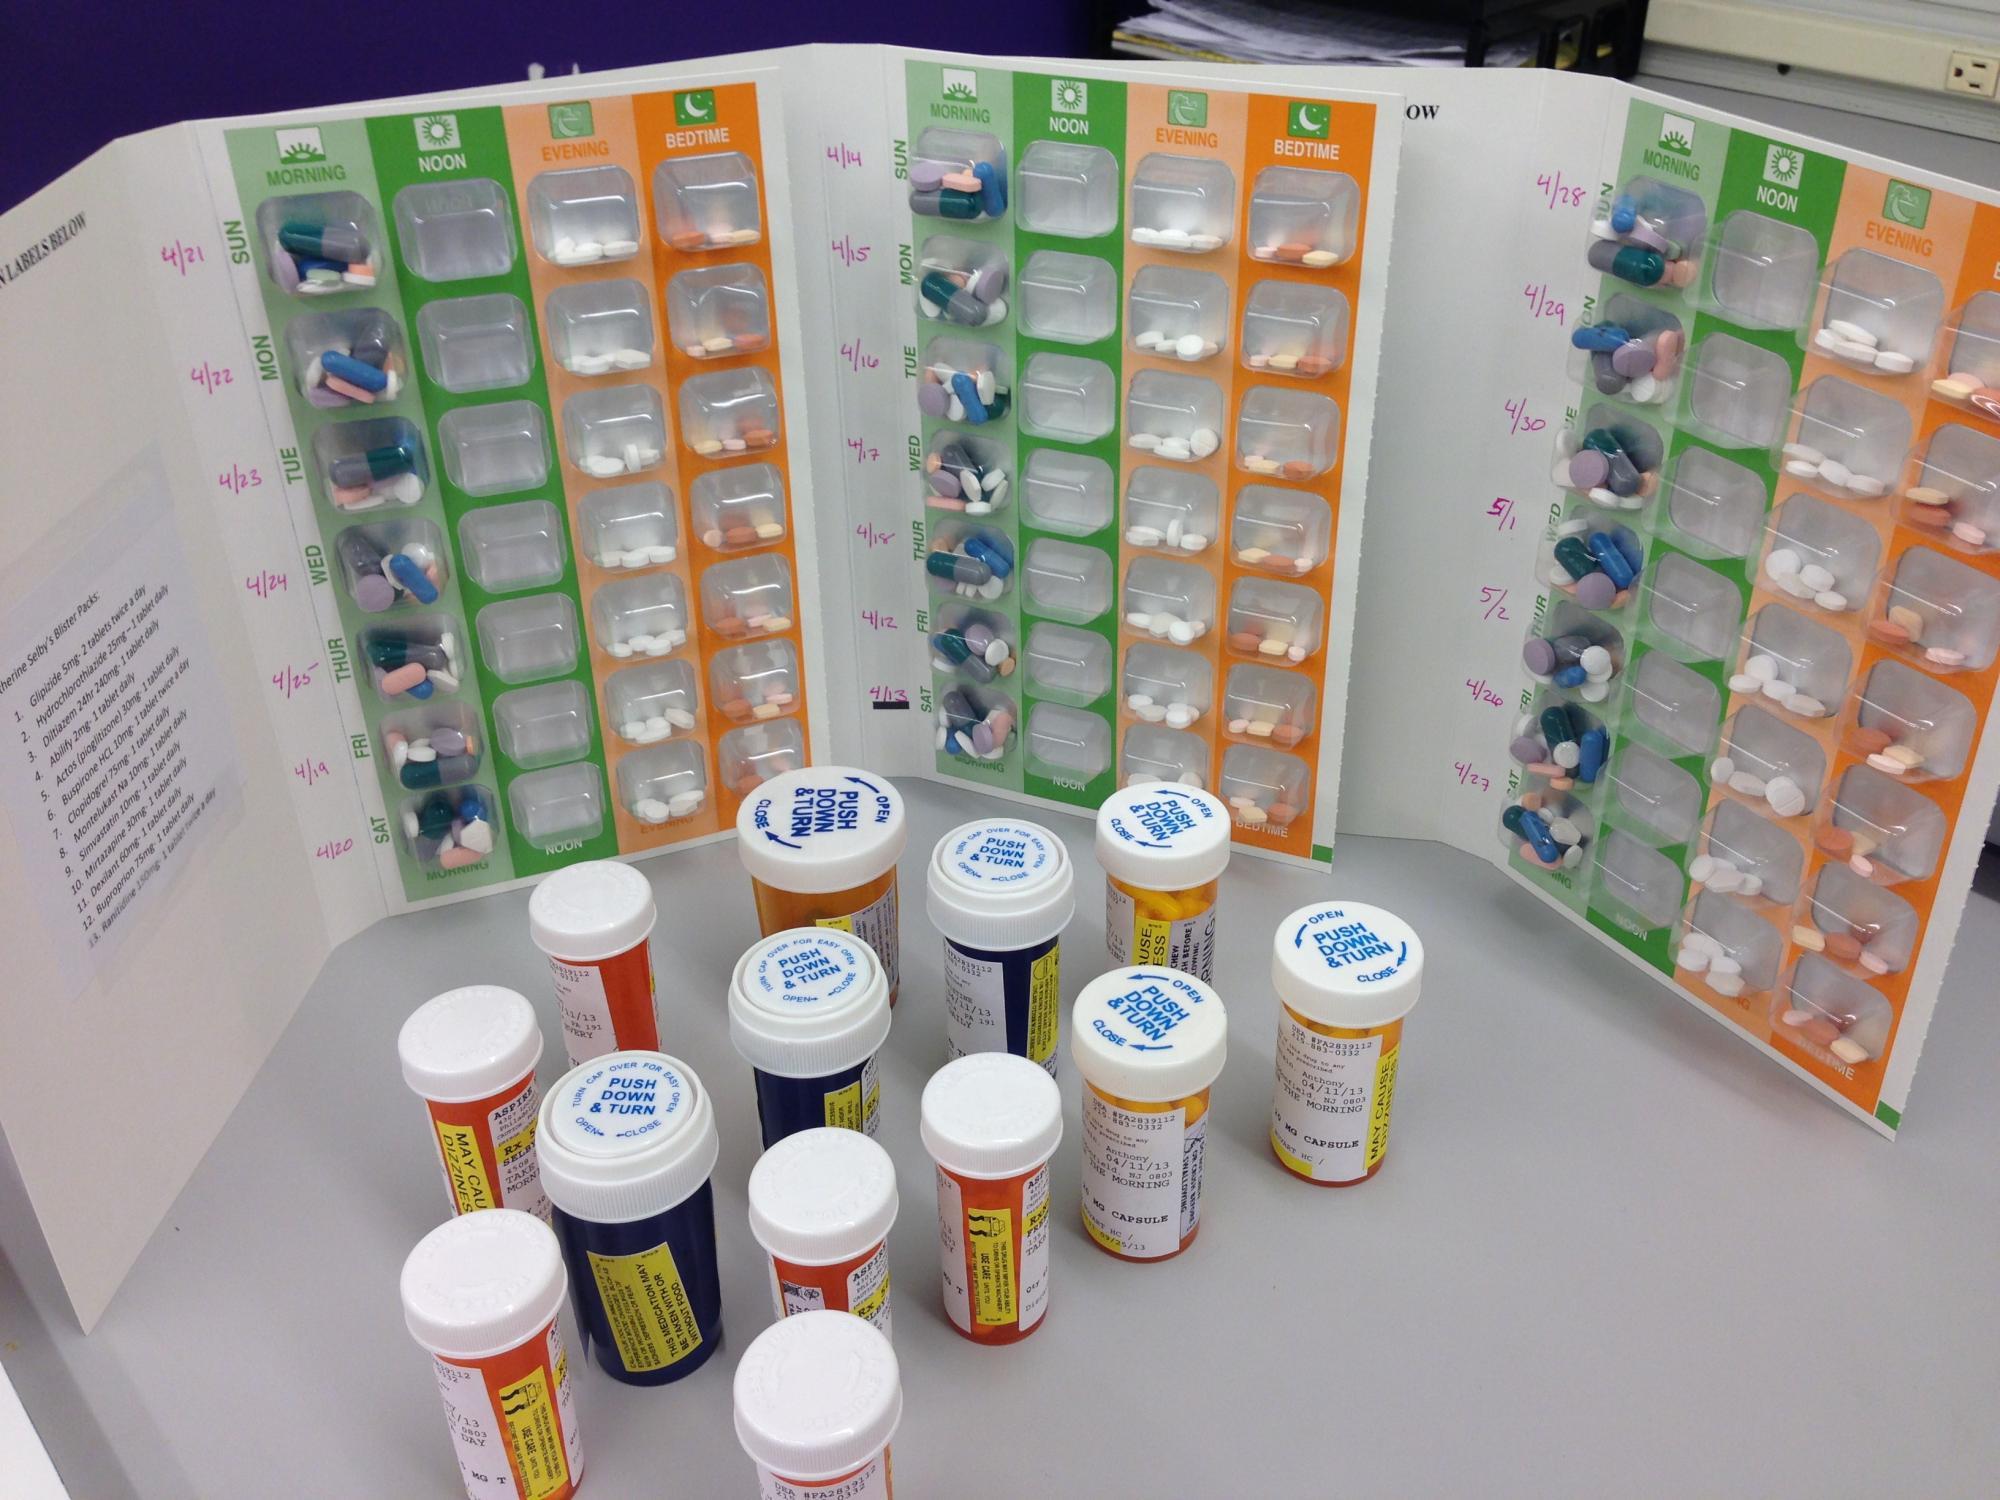 Blister Packaging | Pharmacy Association of Nova Scotia